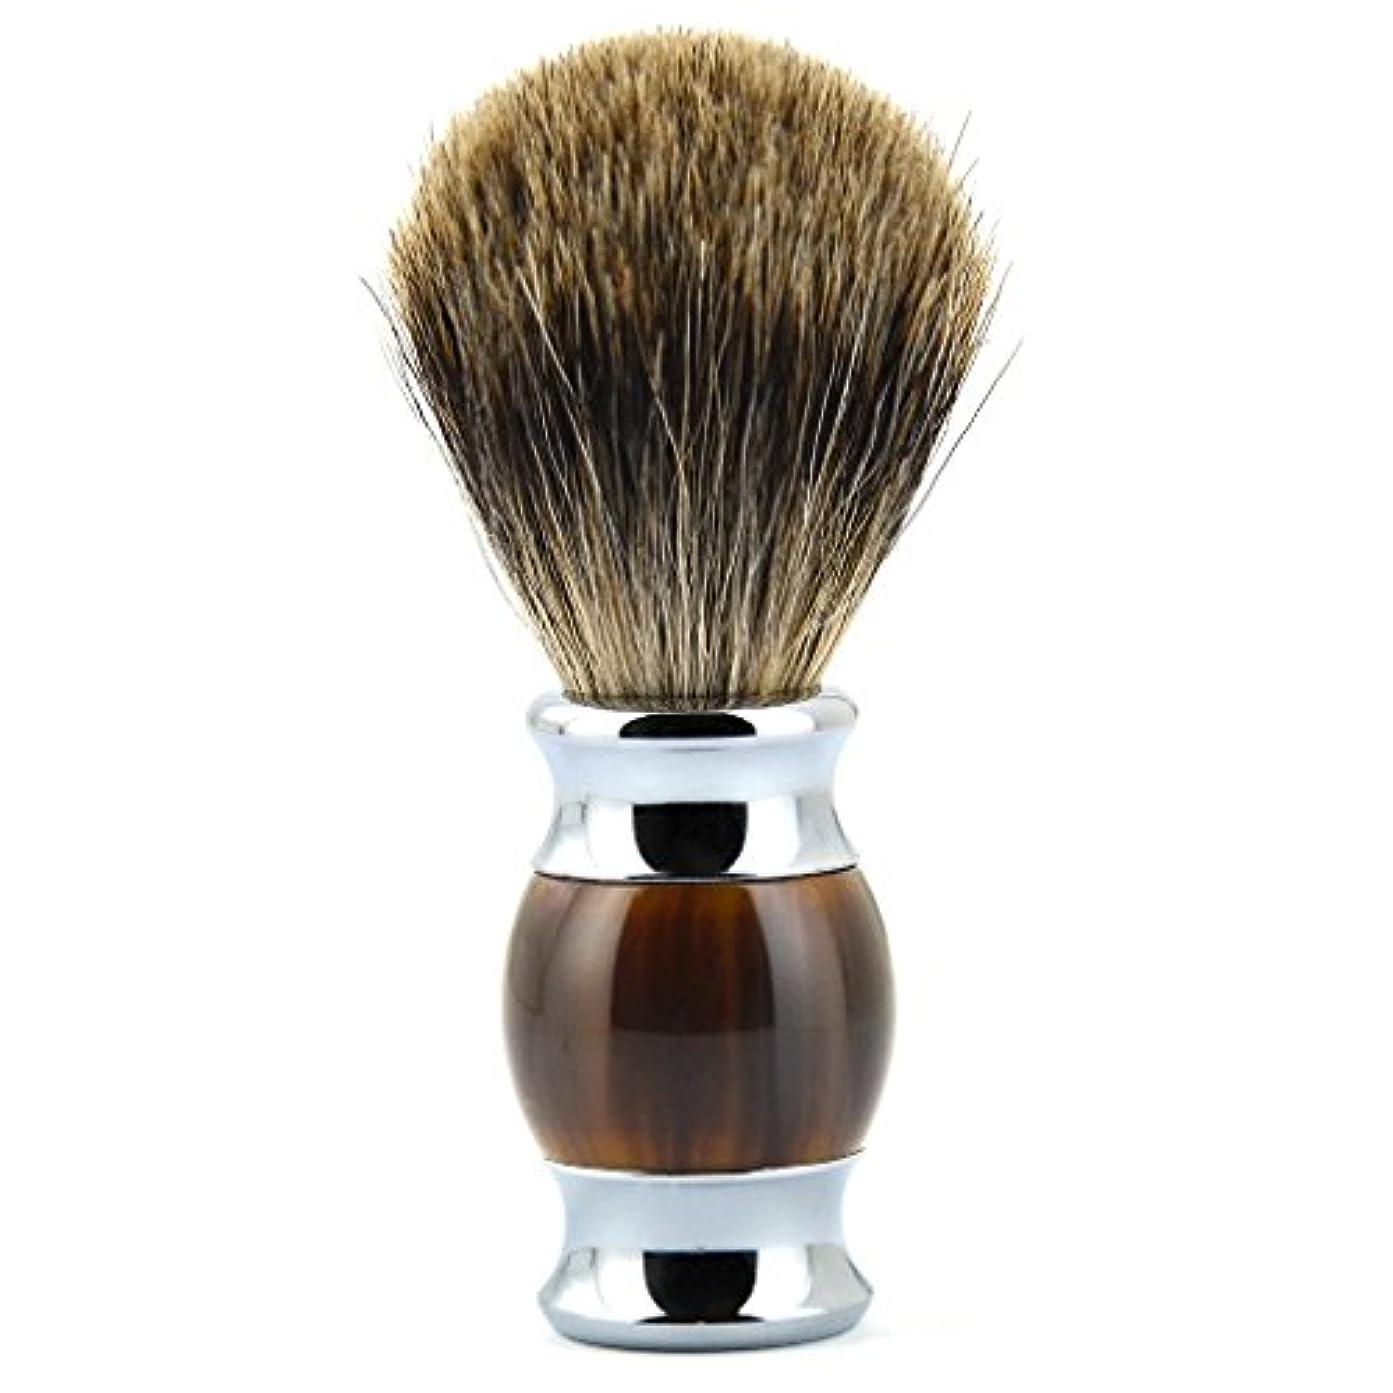 完全に印象派うまくやる()TopFires ひげブラシ シェービング ブラシ シェービング用ブラシ メンズ 100% アナグマ毛 理容 洗顔 髭剃り 泡立ち